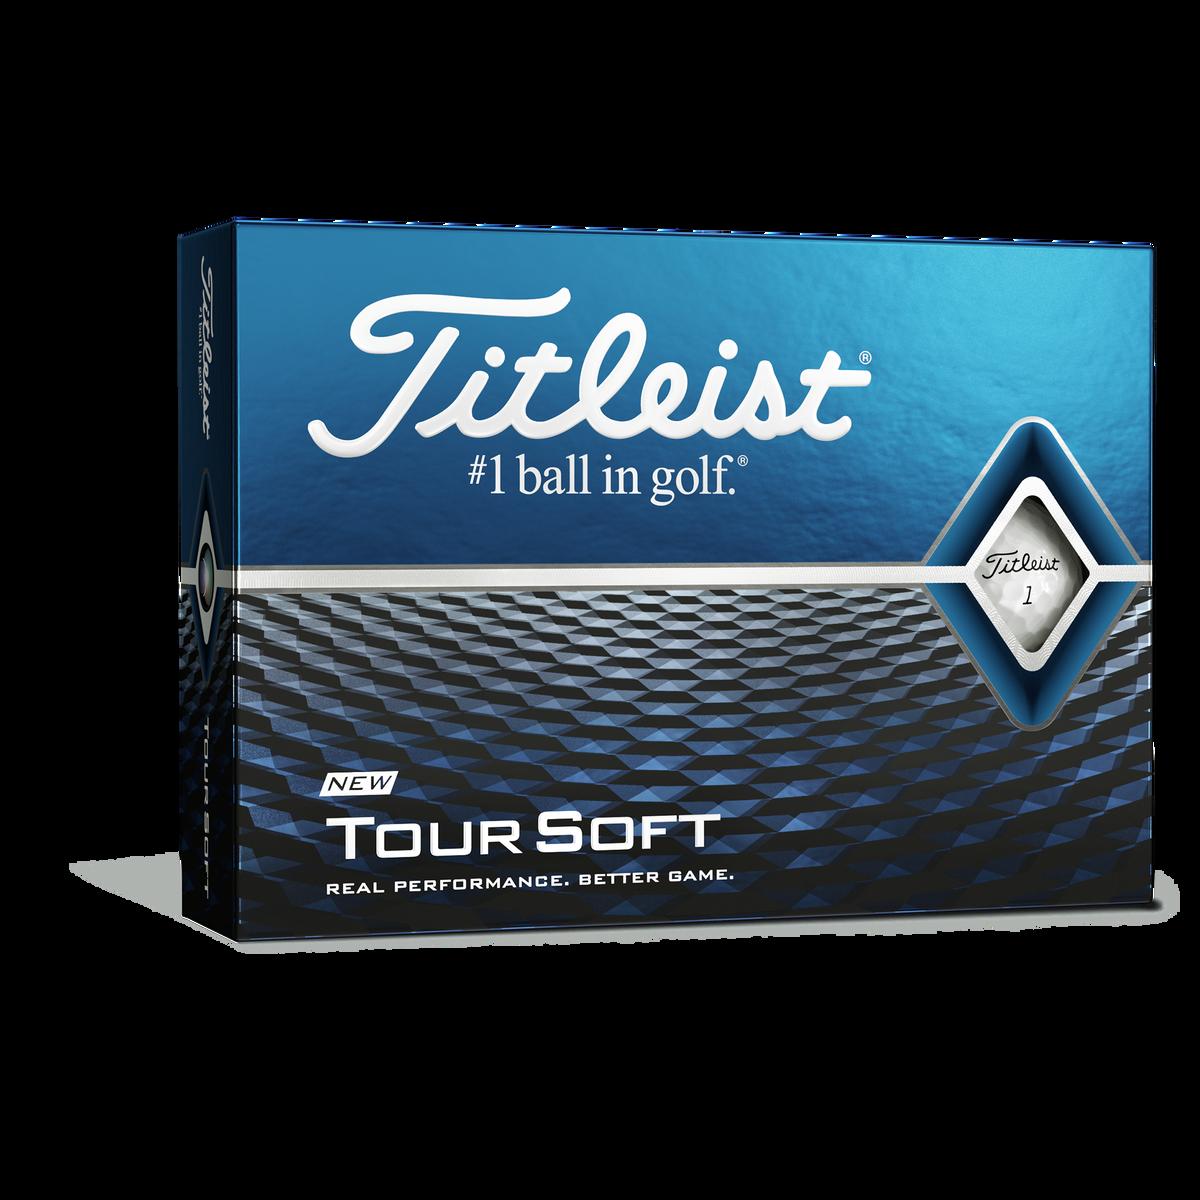 Tour Soft